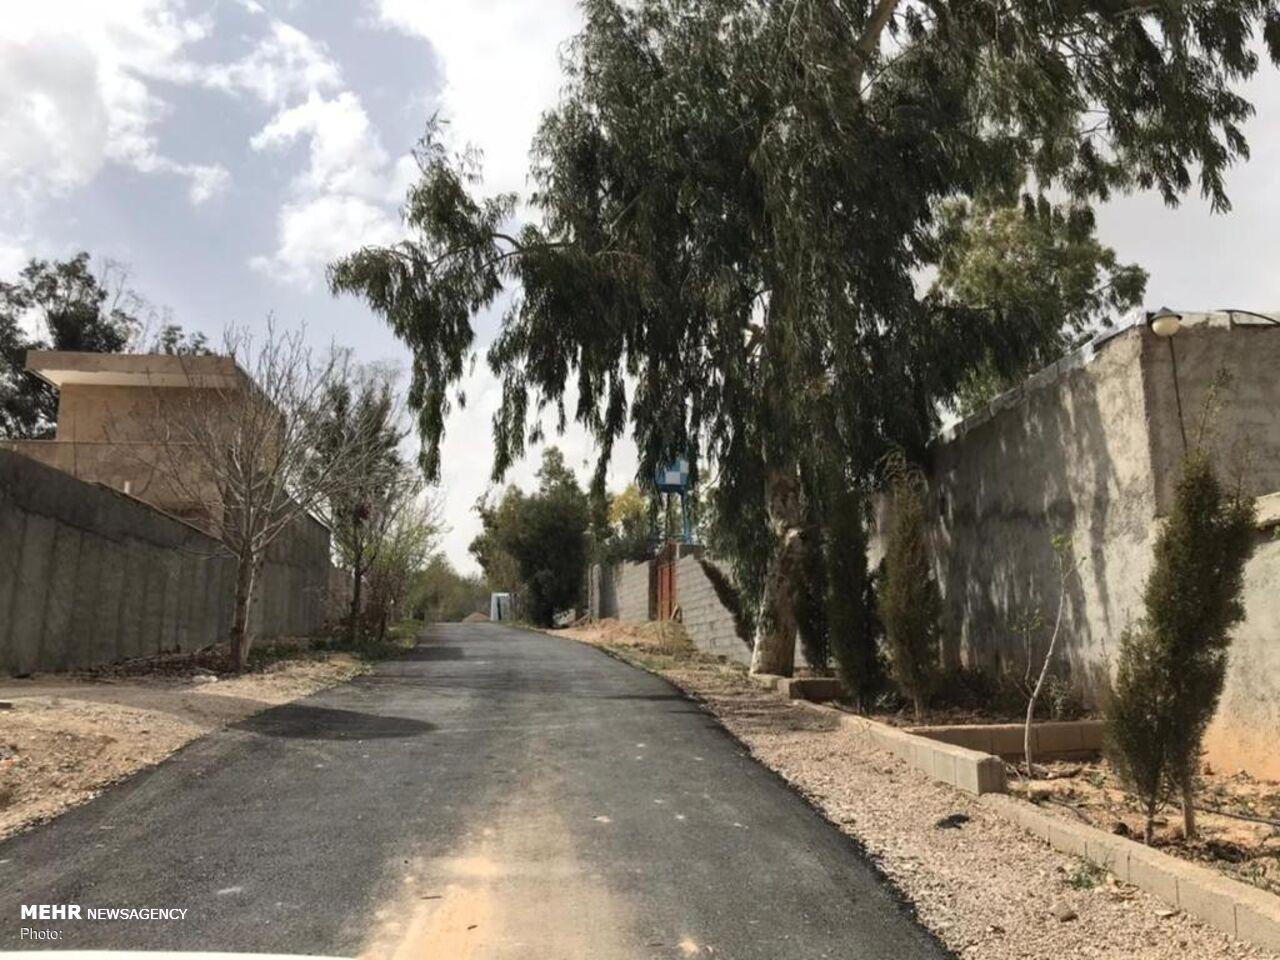 روحانی جهادگری که راه ساخت/ جاده ای به سوی آبادانی